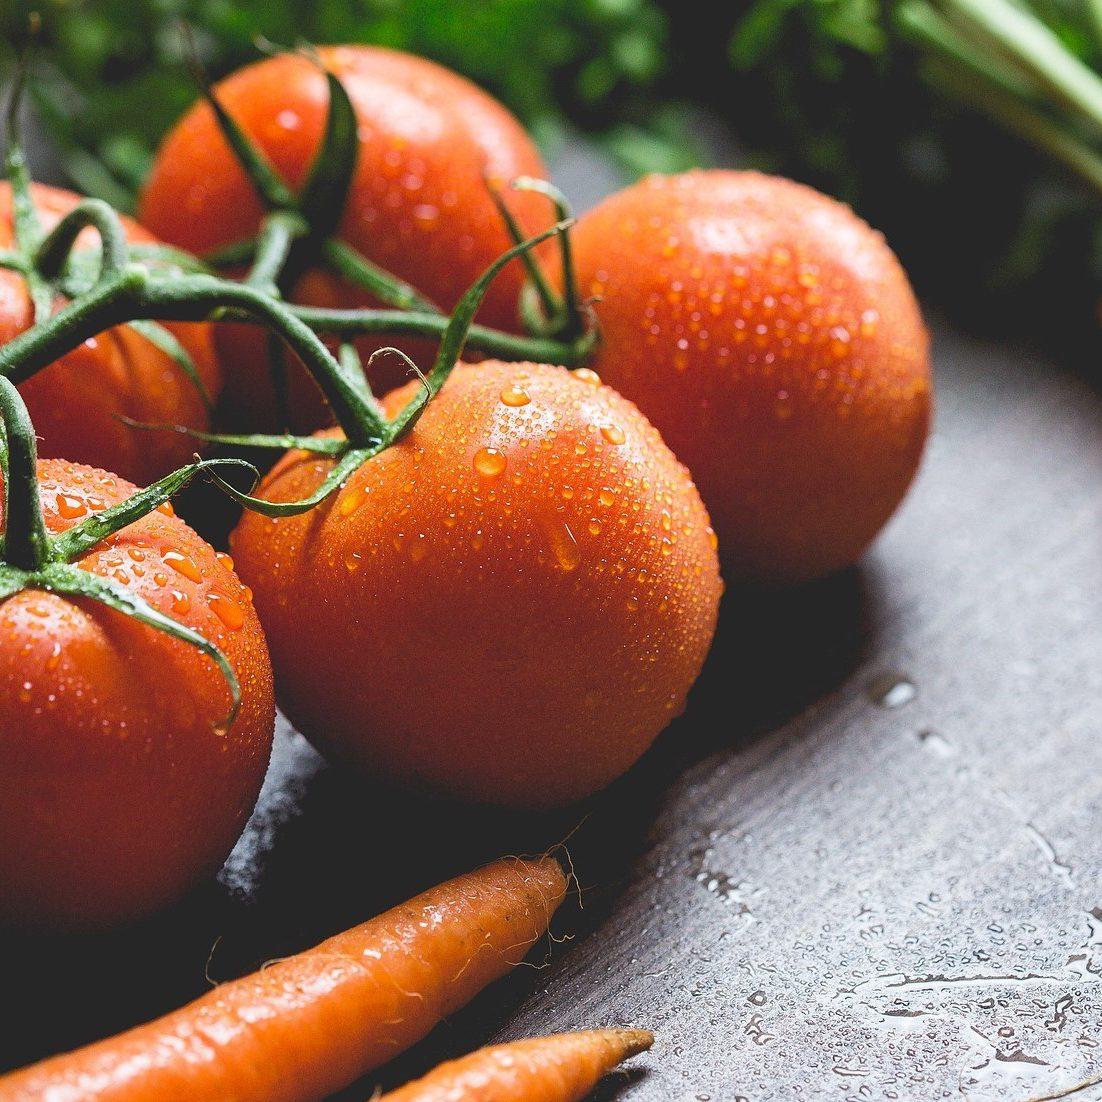 冬のハウス栽培に適した野菜とは?環境をコントロールして収入アップ